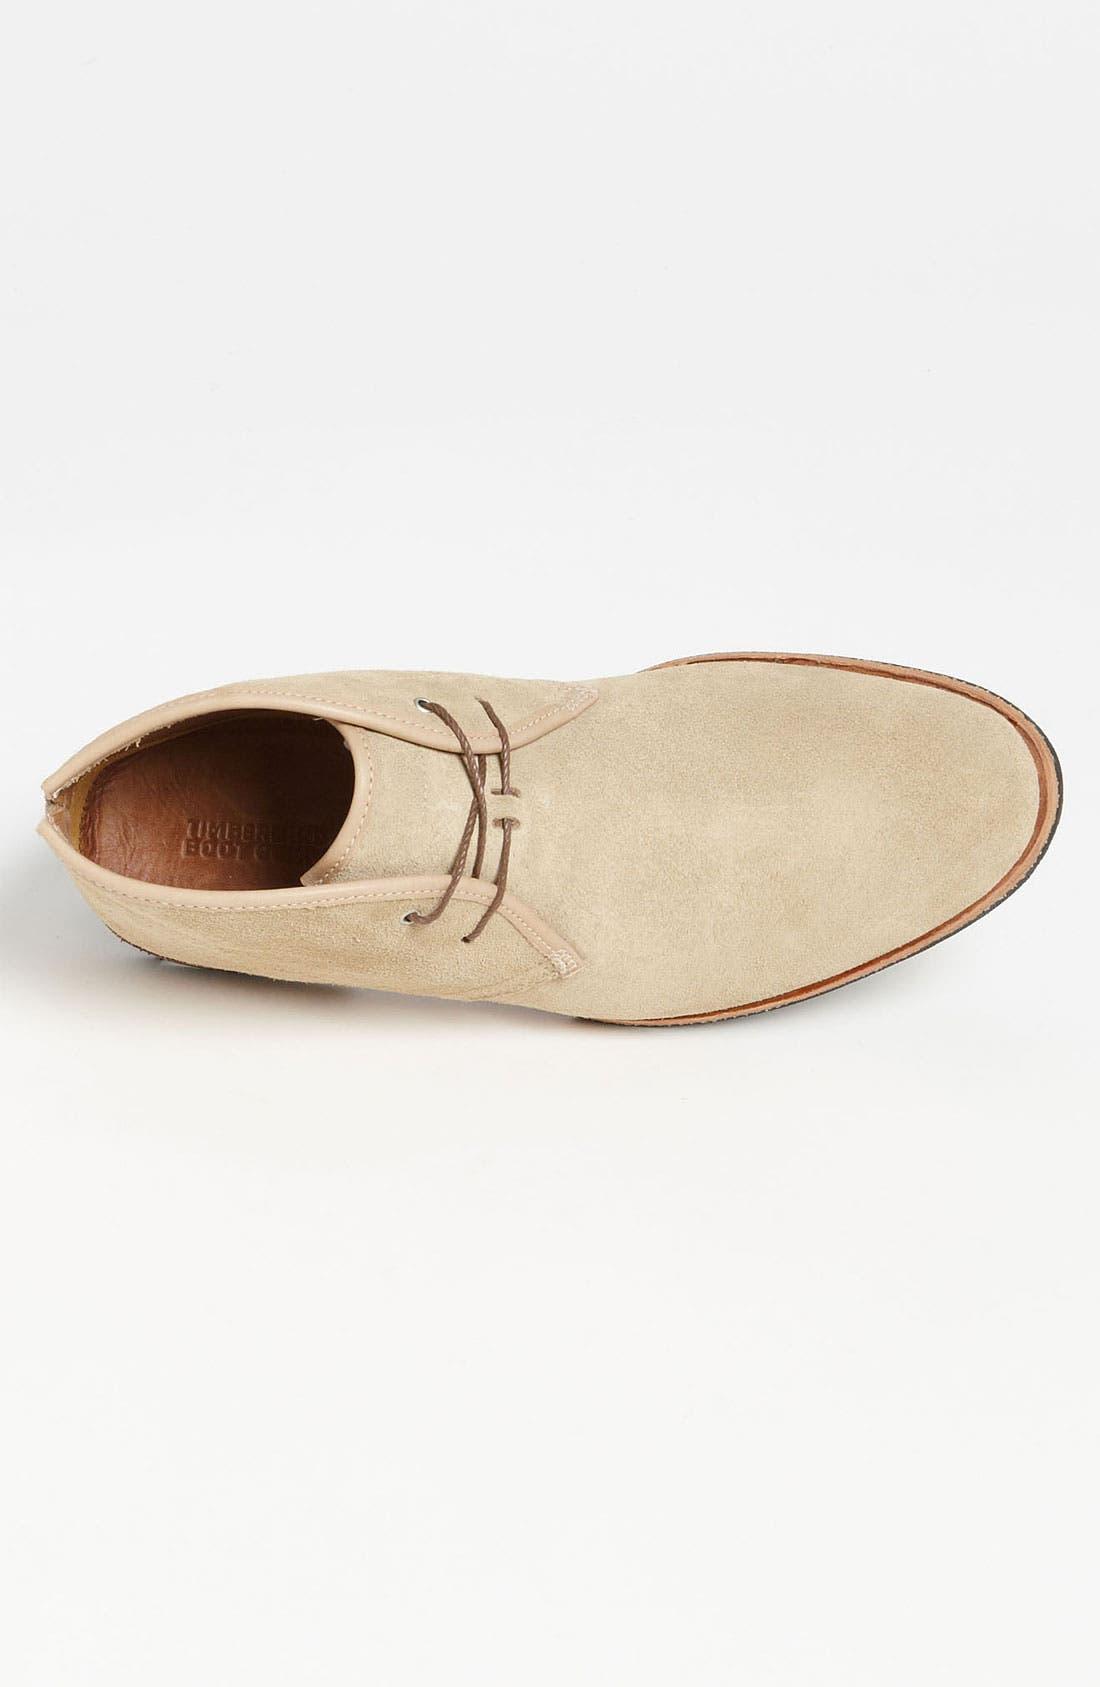 Alternate Image 3  - Timberland Boot Company 'Wodehouse' Chukka Boot